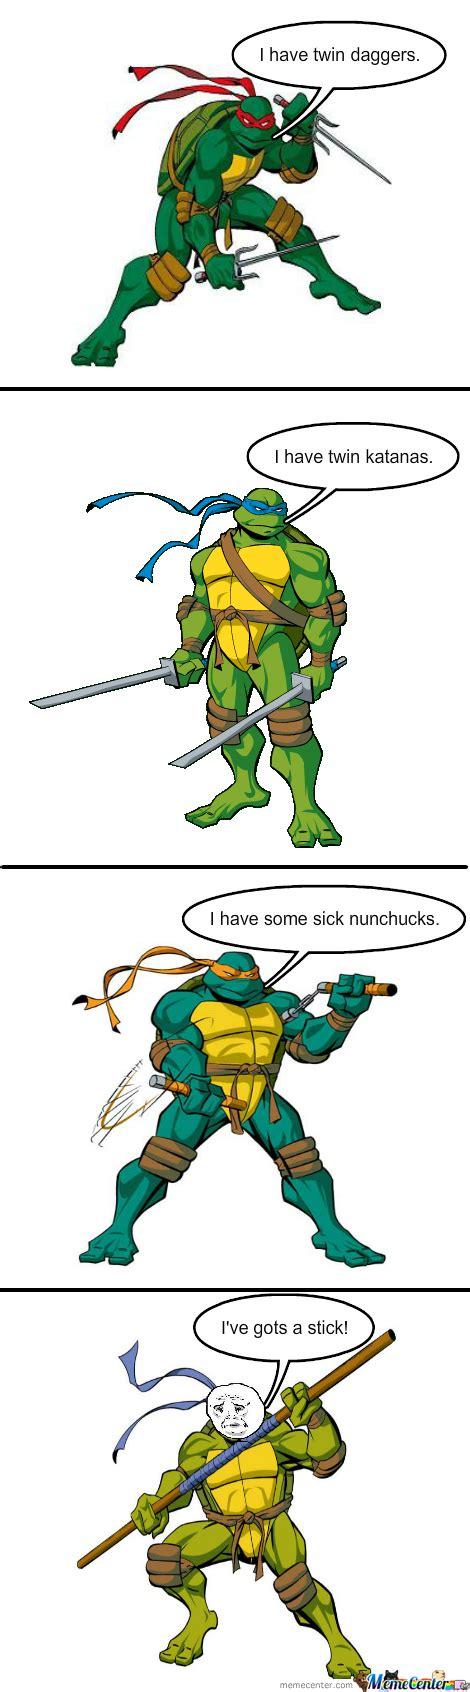 Teenage Mutant Ninja Turtles Meme - teenage mutant ninja turtles memes best collection of funny teenage mutant ninja turtles pictures